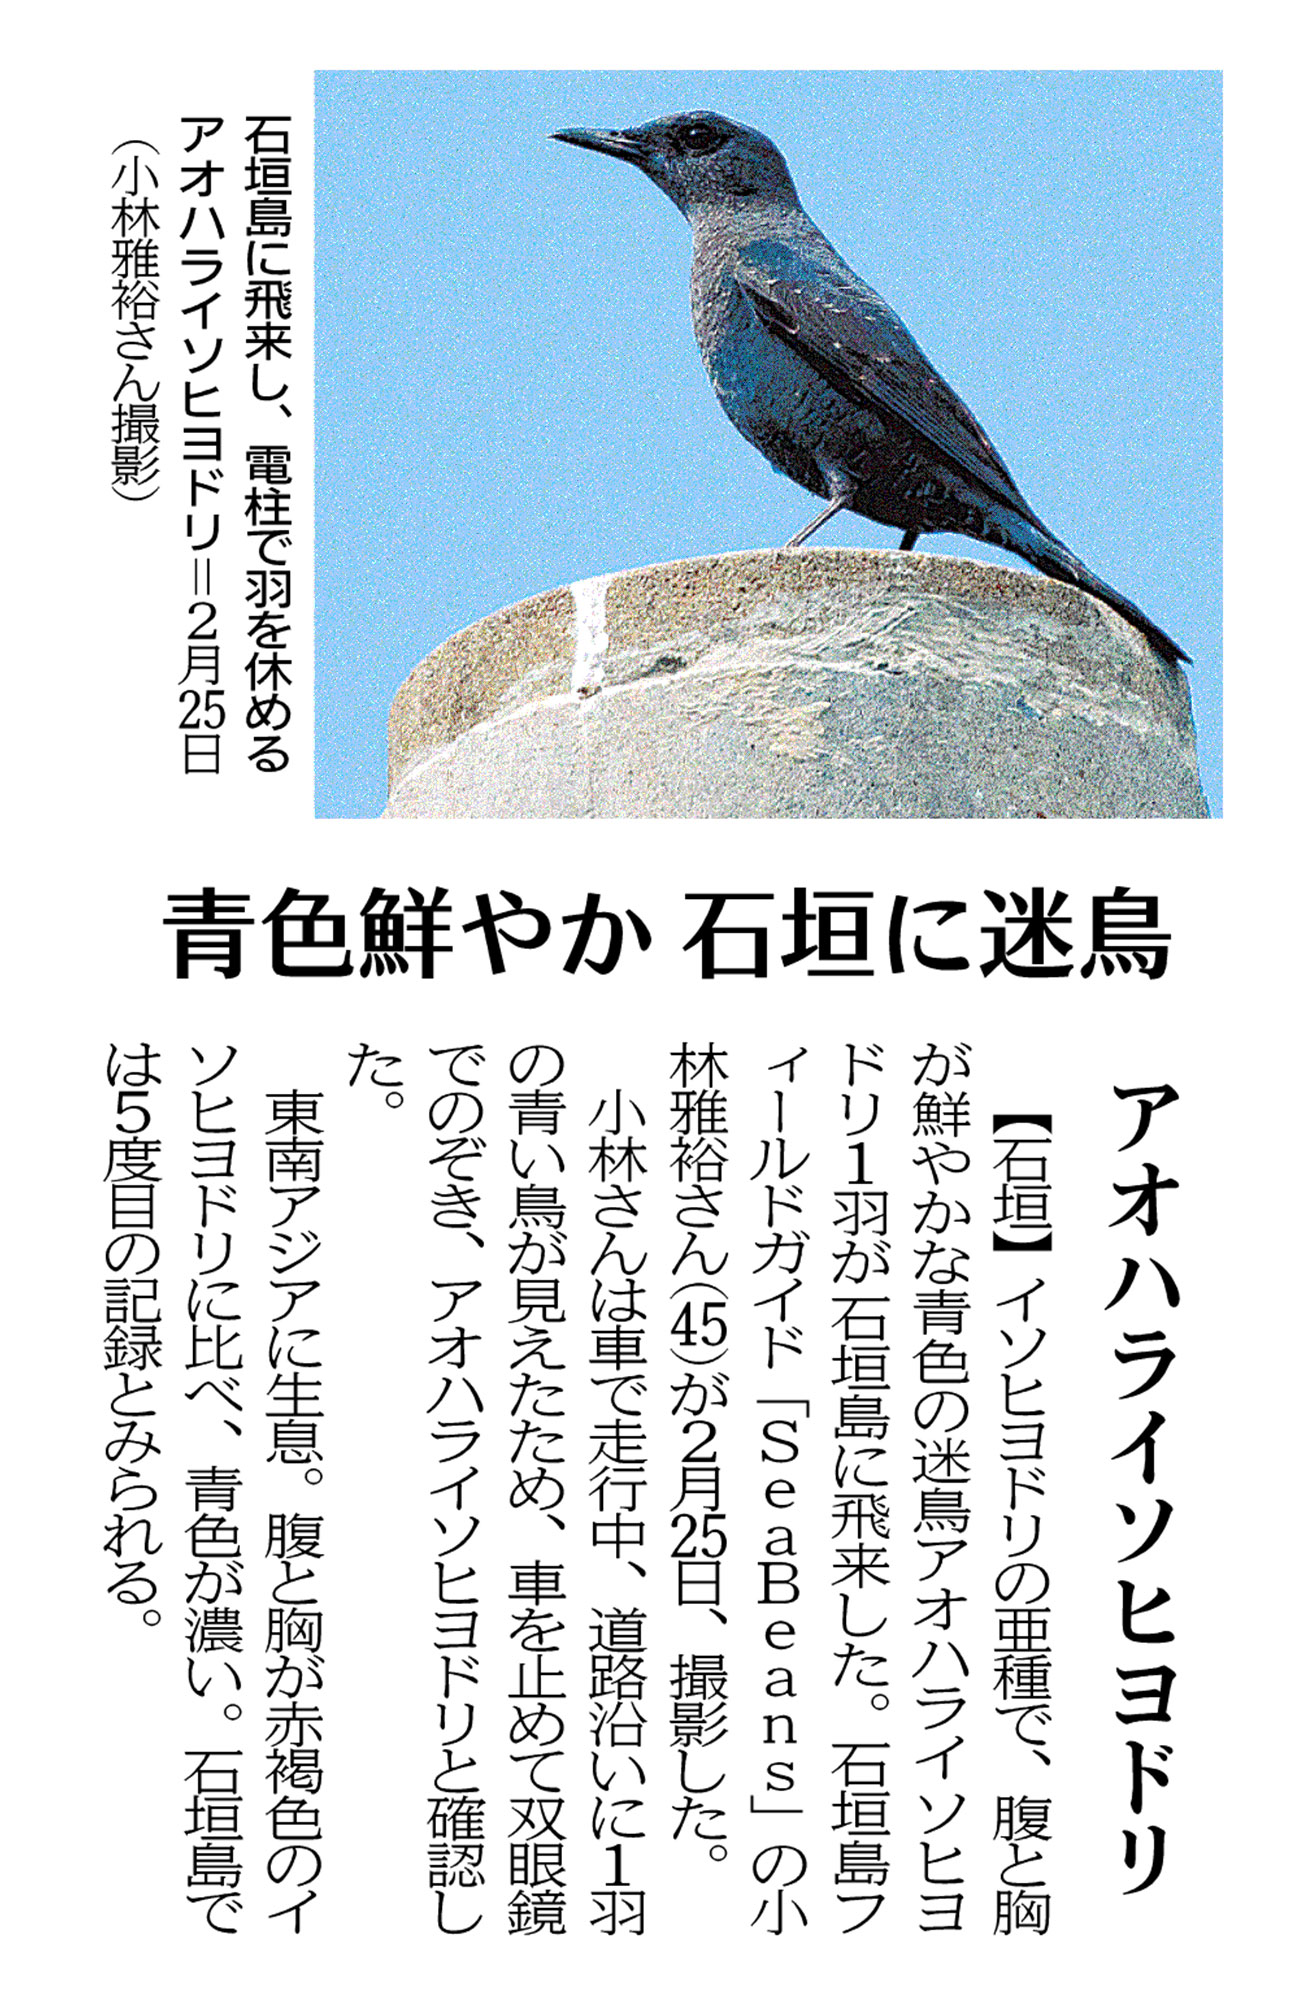 沖縄タイムス 朝刊「青色鮮やか石垣に迷鳥 アオハライソヒヨドリ」